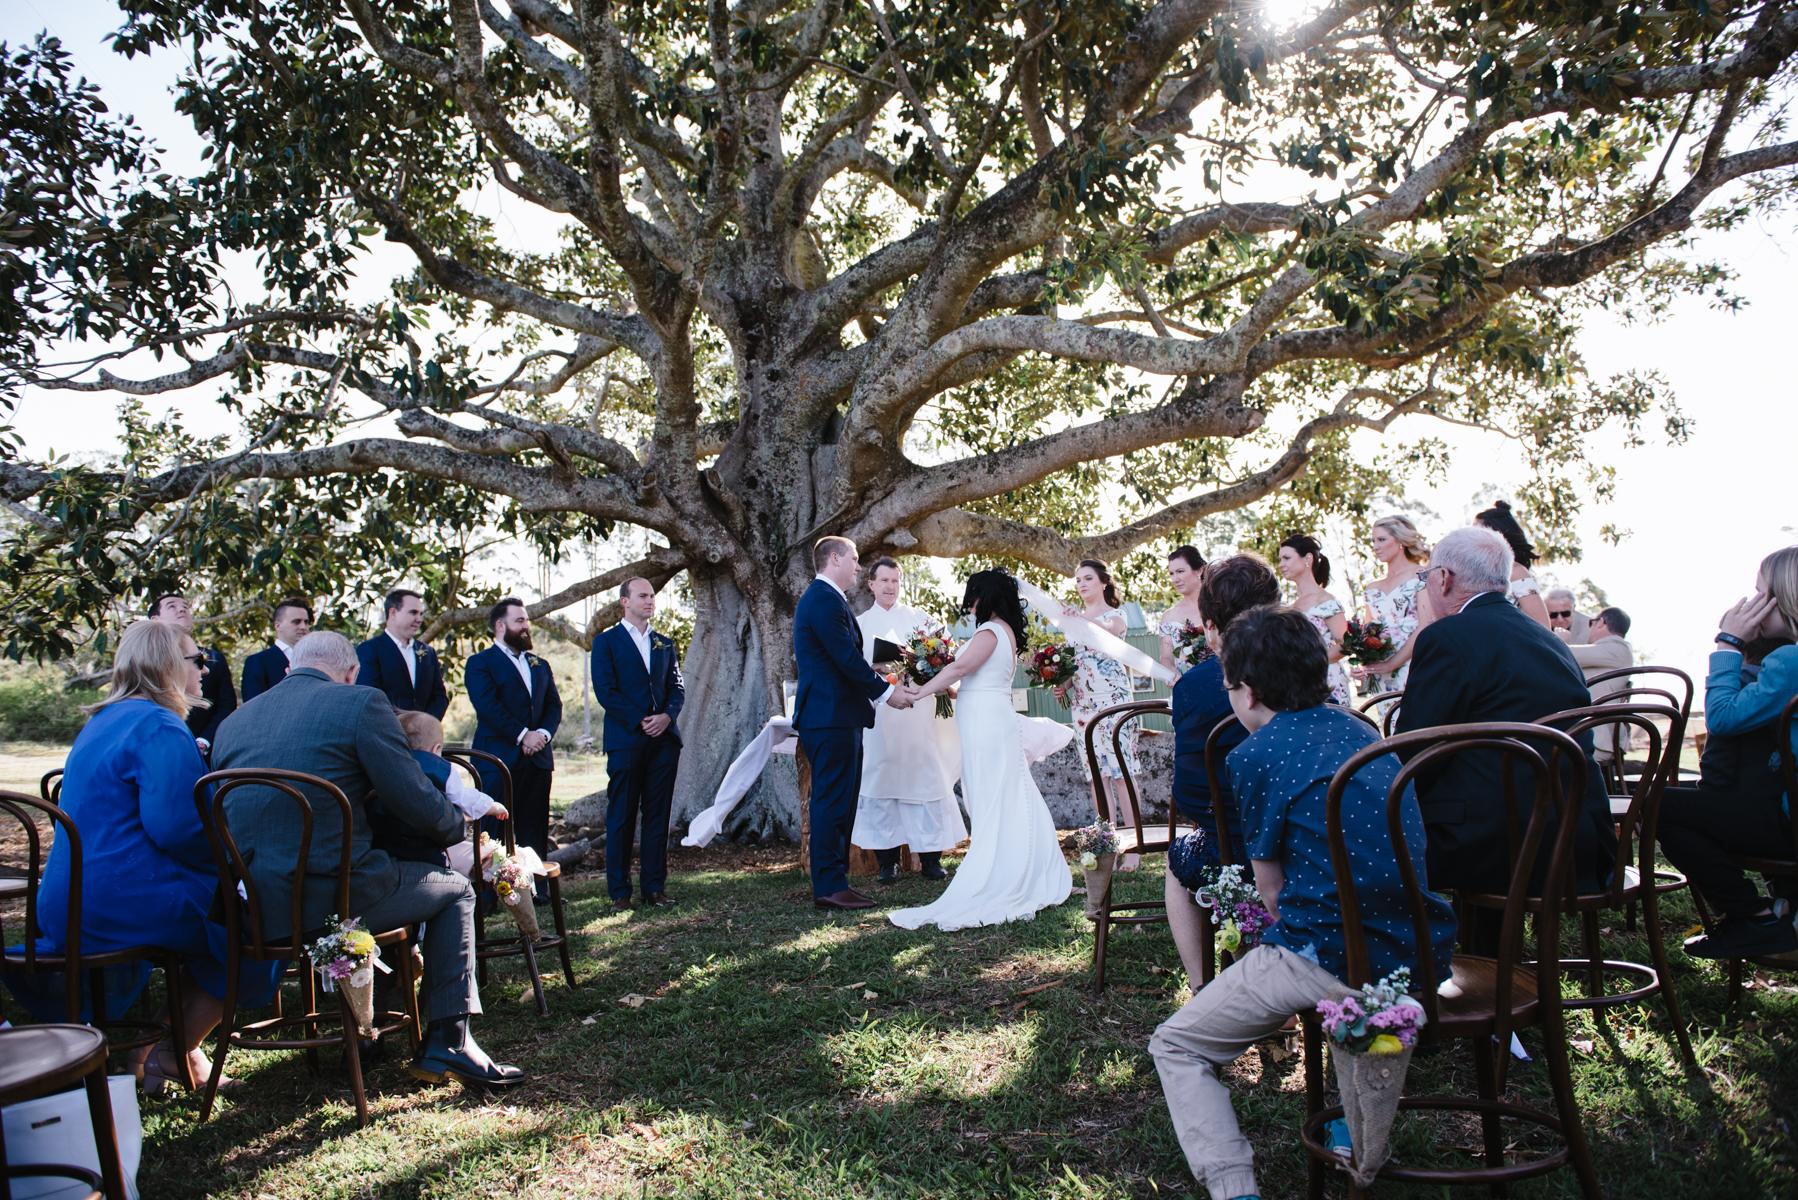 sarahandBenwedding- skyla sage photography weddings, families, byron bay,tweed coast,kingscliff,cabarita,gold coast-382.jpg